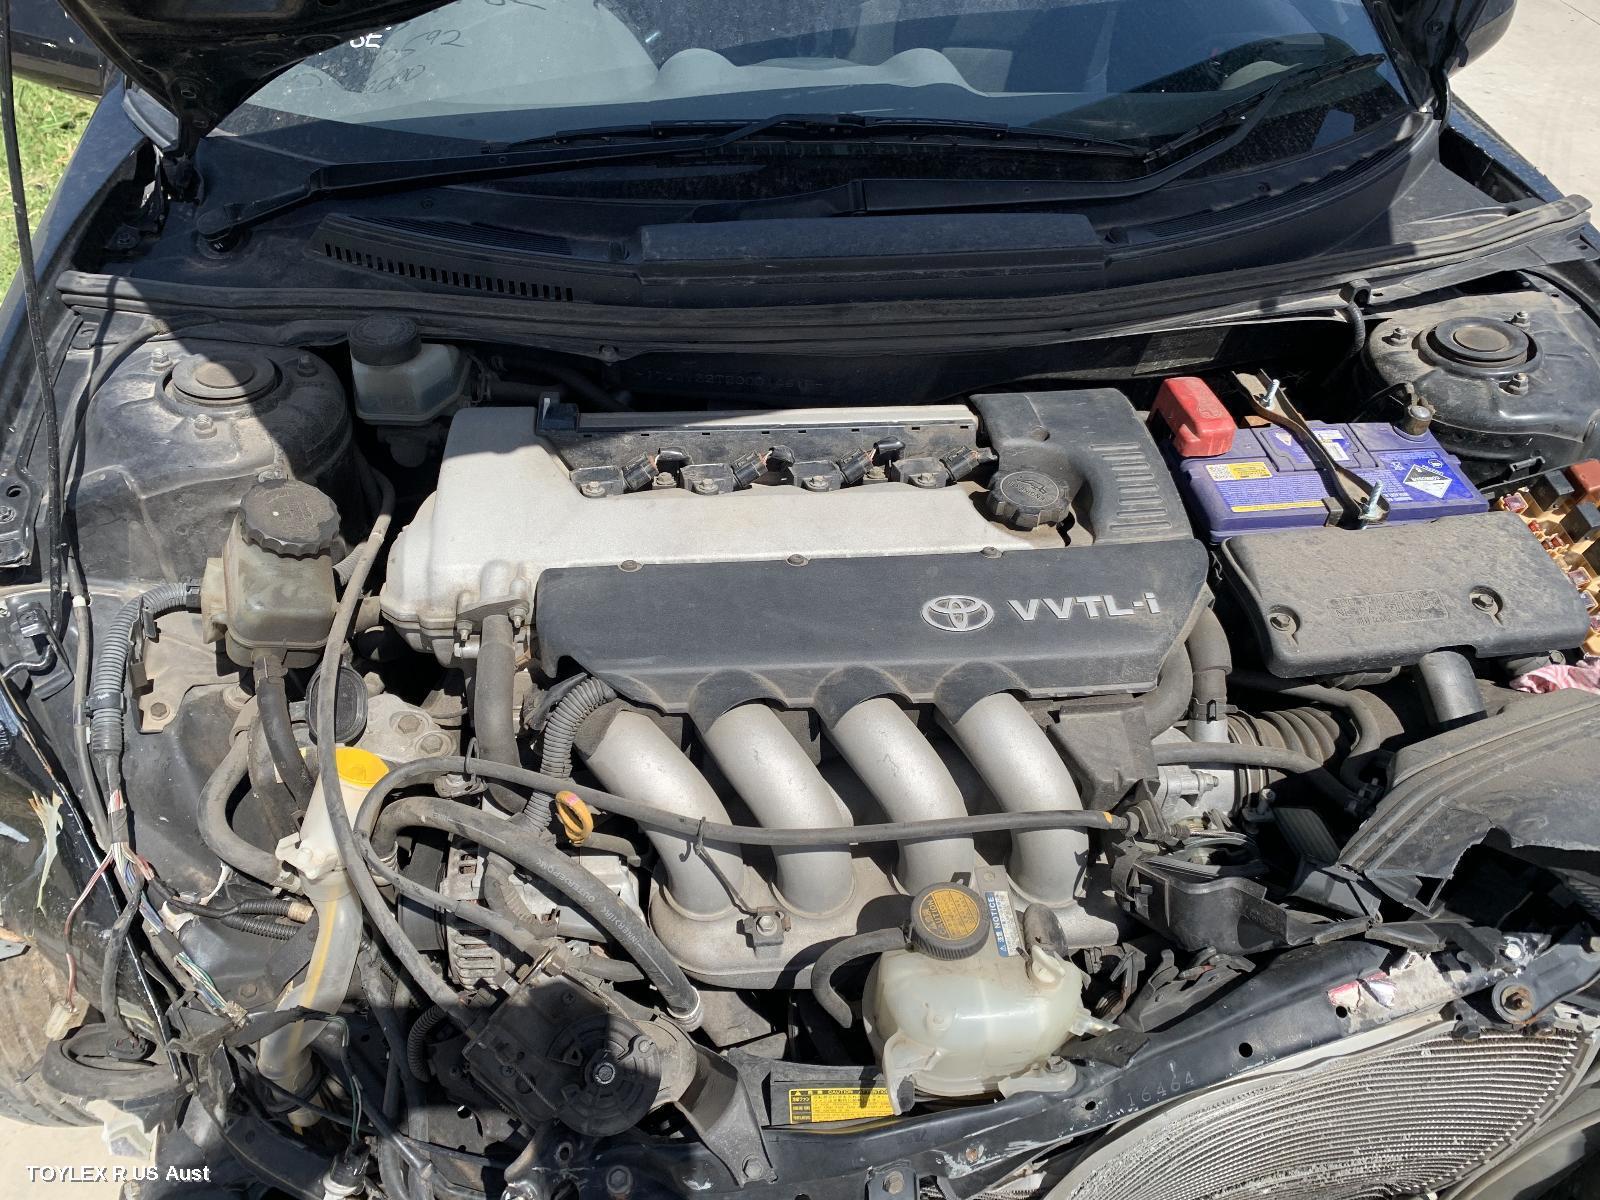 TOYOTA CELICA, Engine, 1.8, 2ZZ-GE, ZZT231, 11/99-10/05